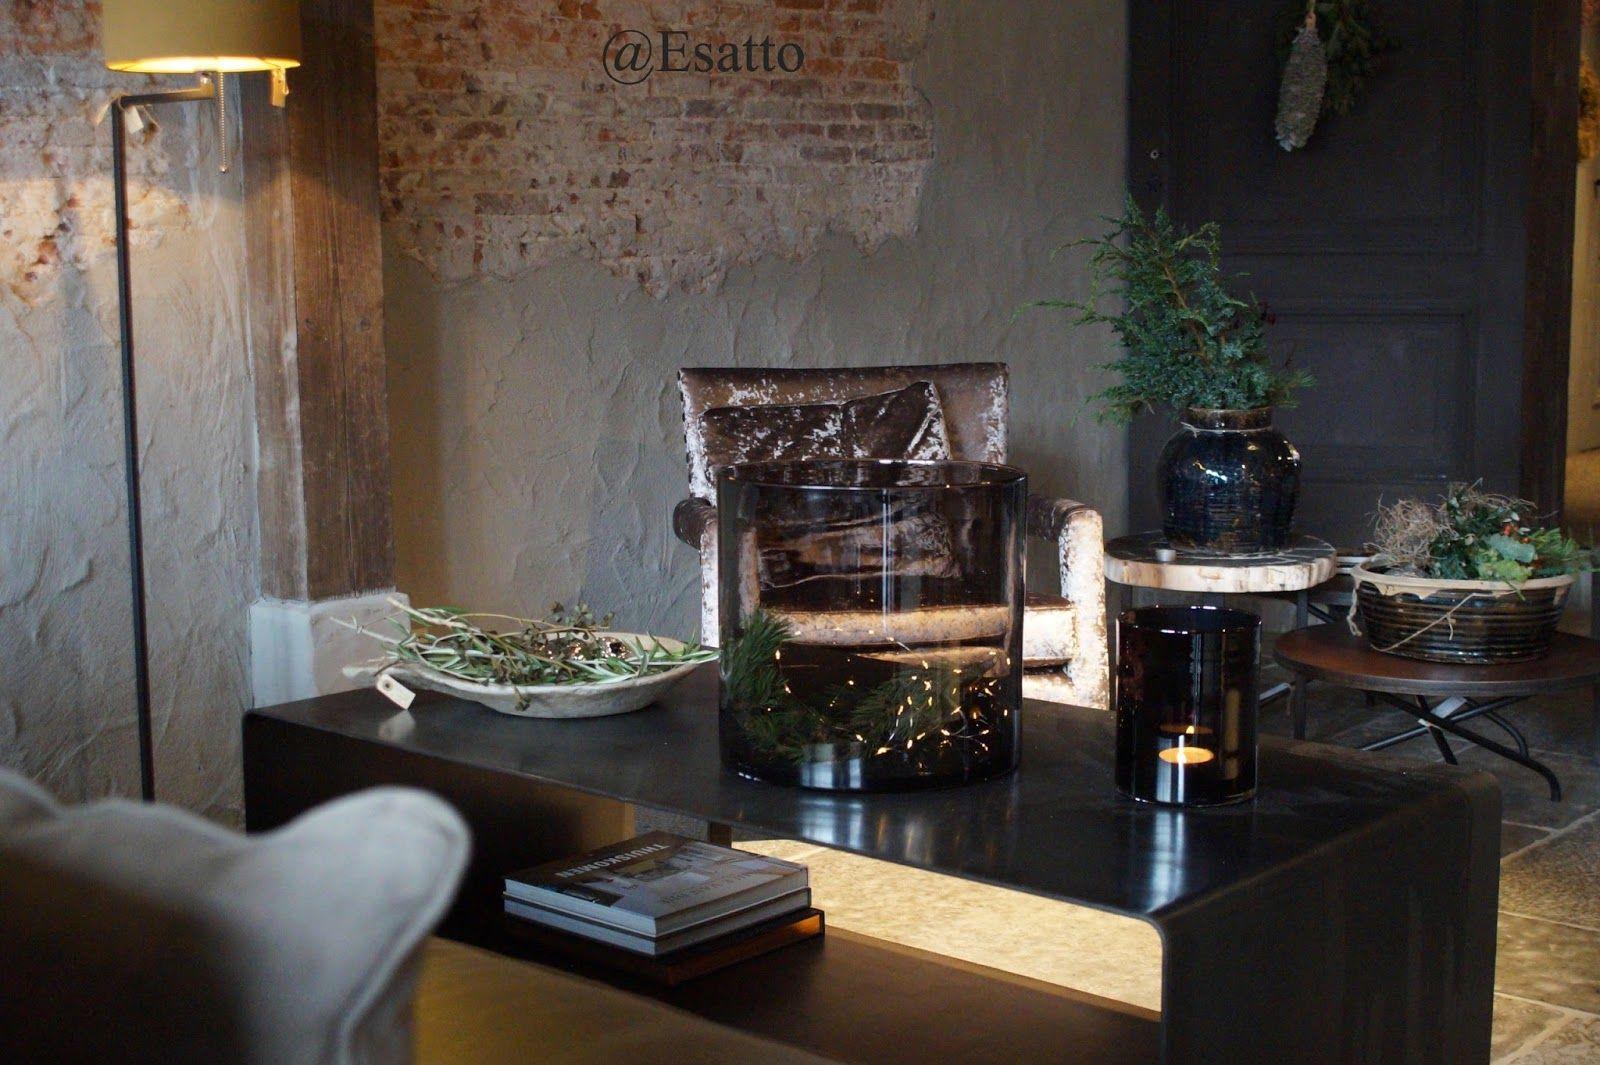 Blog over de geweldige interieurwinkel esatto by ravensbergen waar